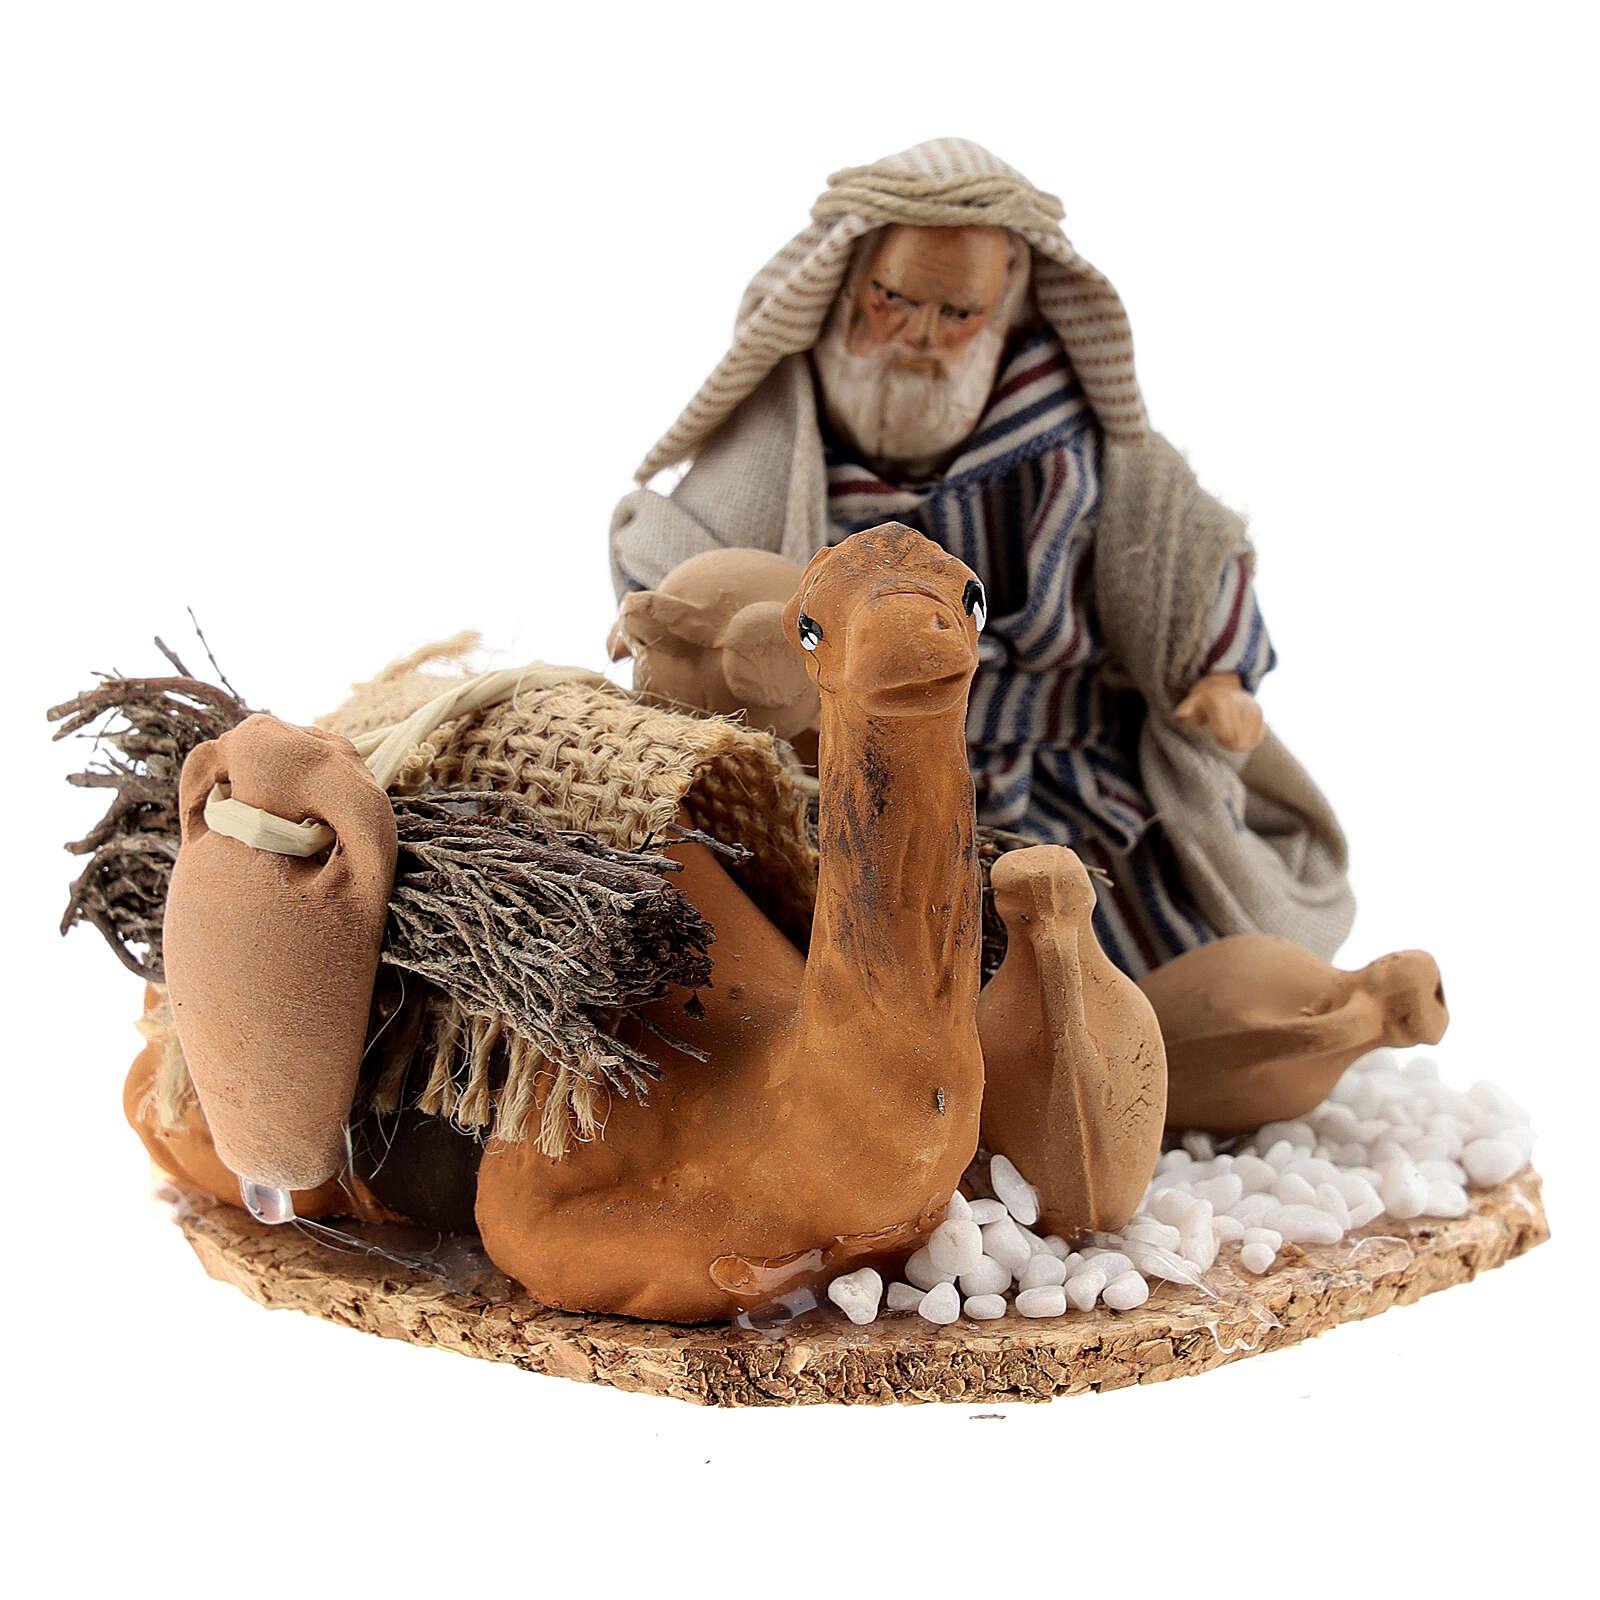 Árabe carga ánforas camello terracota belén napolitano 8 cm 4